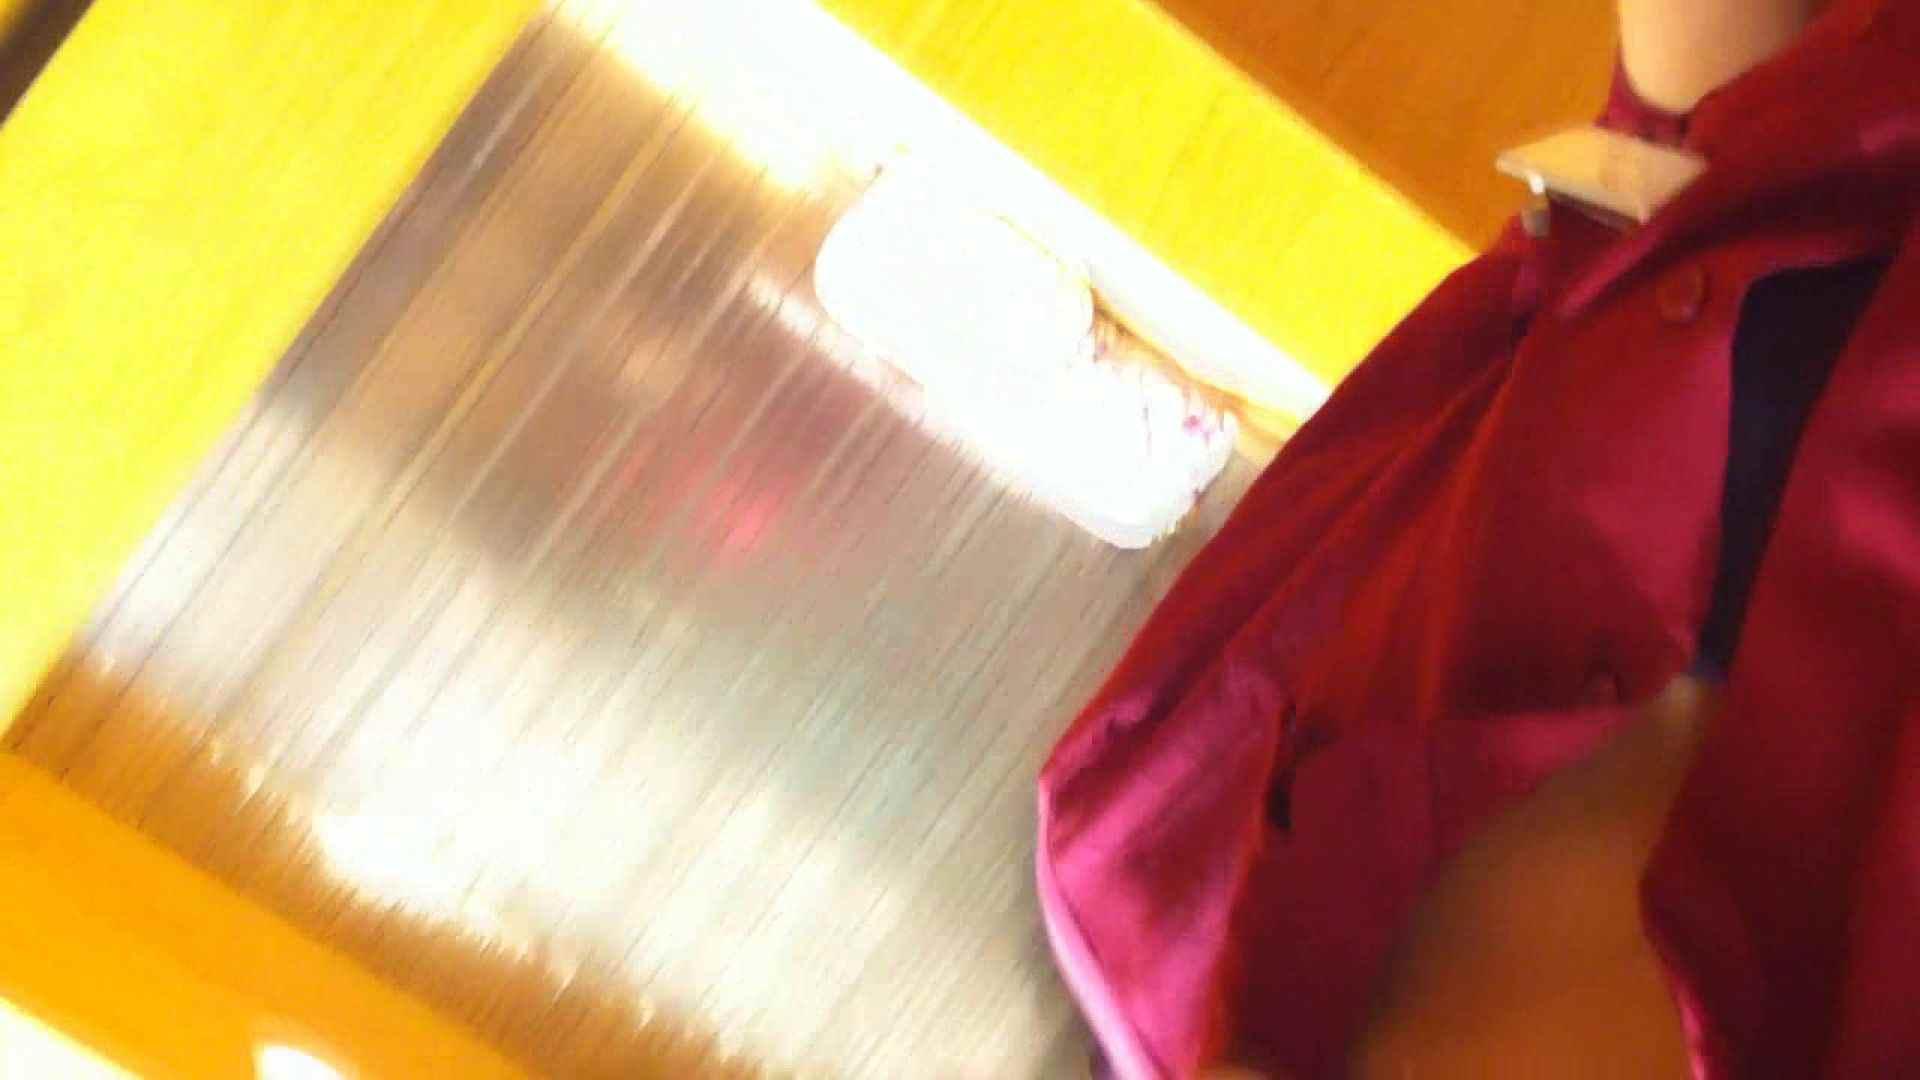 フルHD ショップ店員千人斬り! 大画面ノーカット完全版 vol.86 OLヌード天国 セックス無修正動画無料 92PIX 12